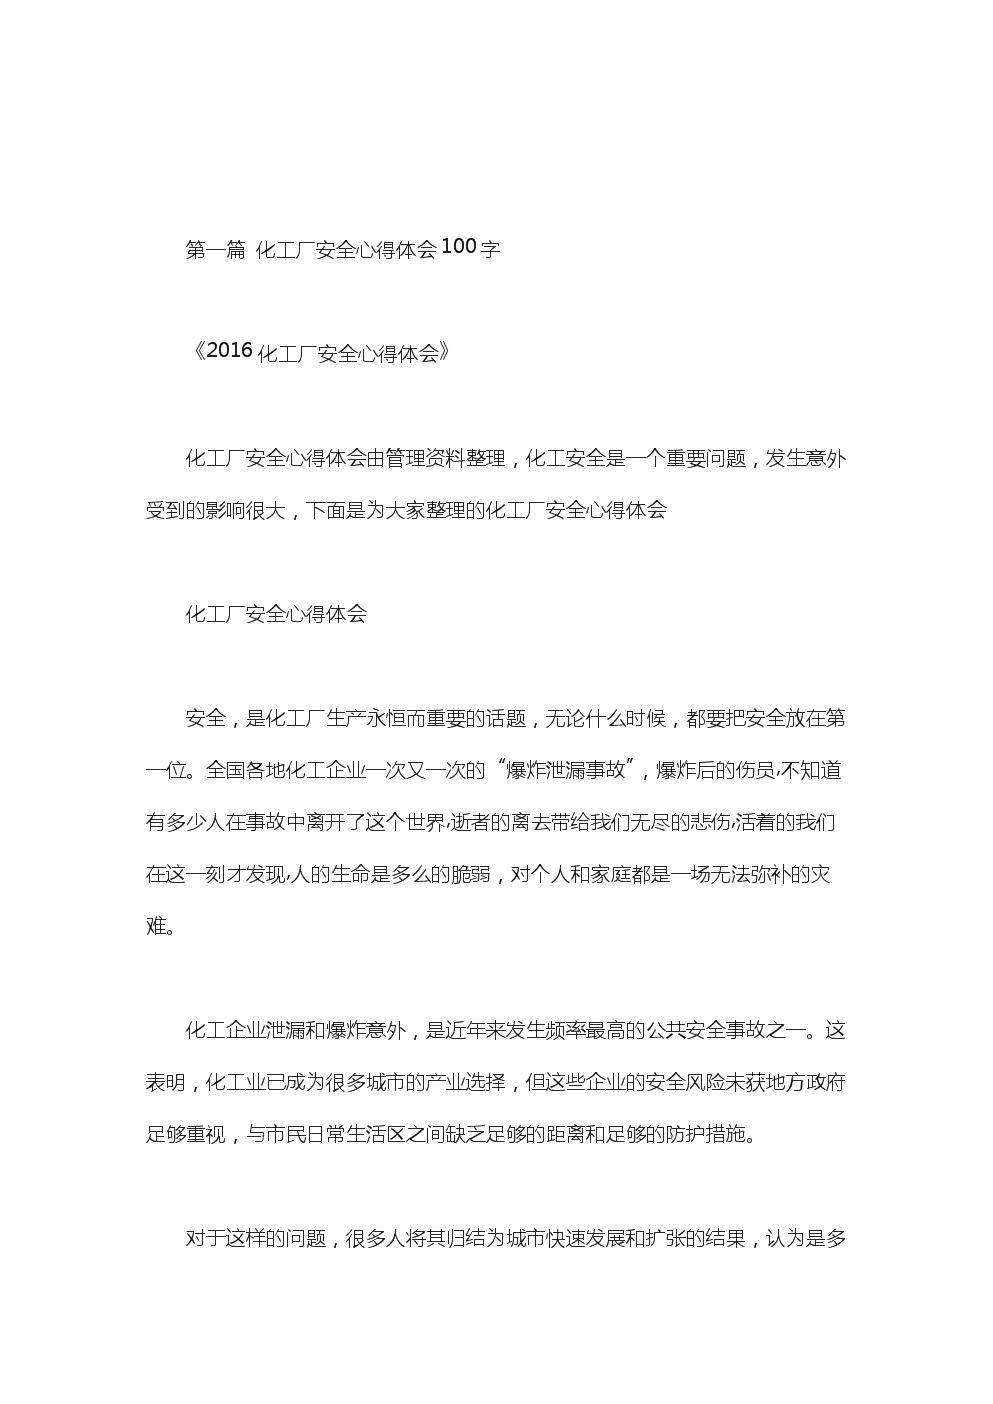 化工厂安全心得体会100字.doc